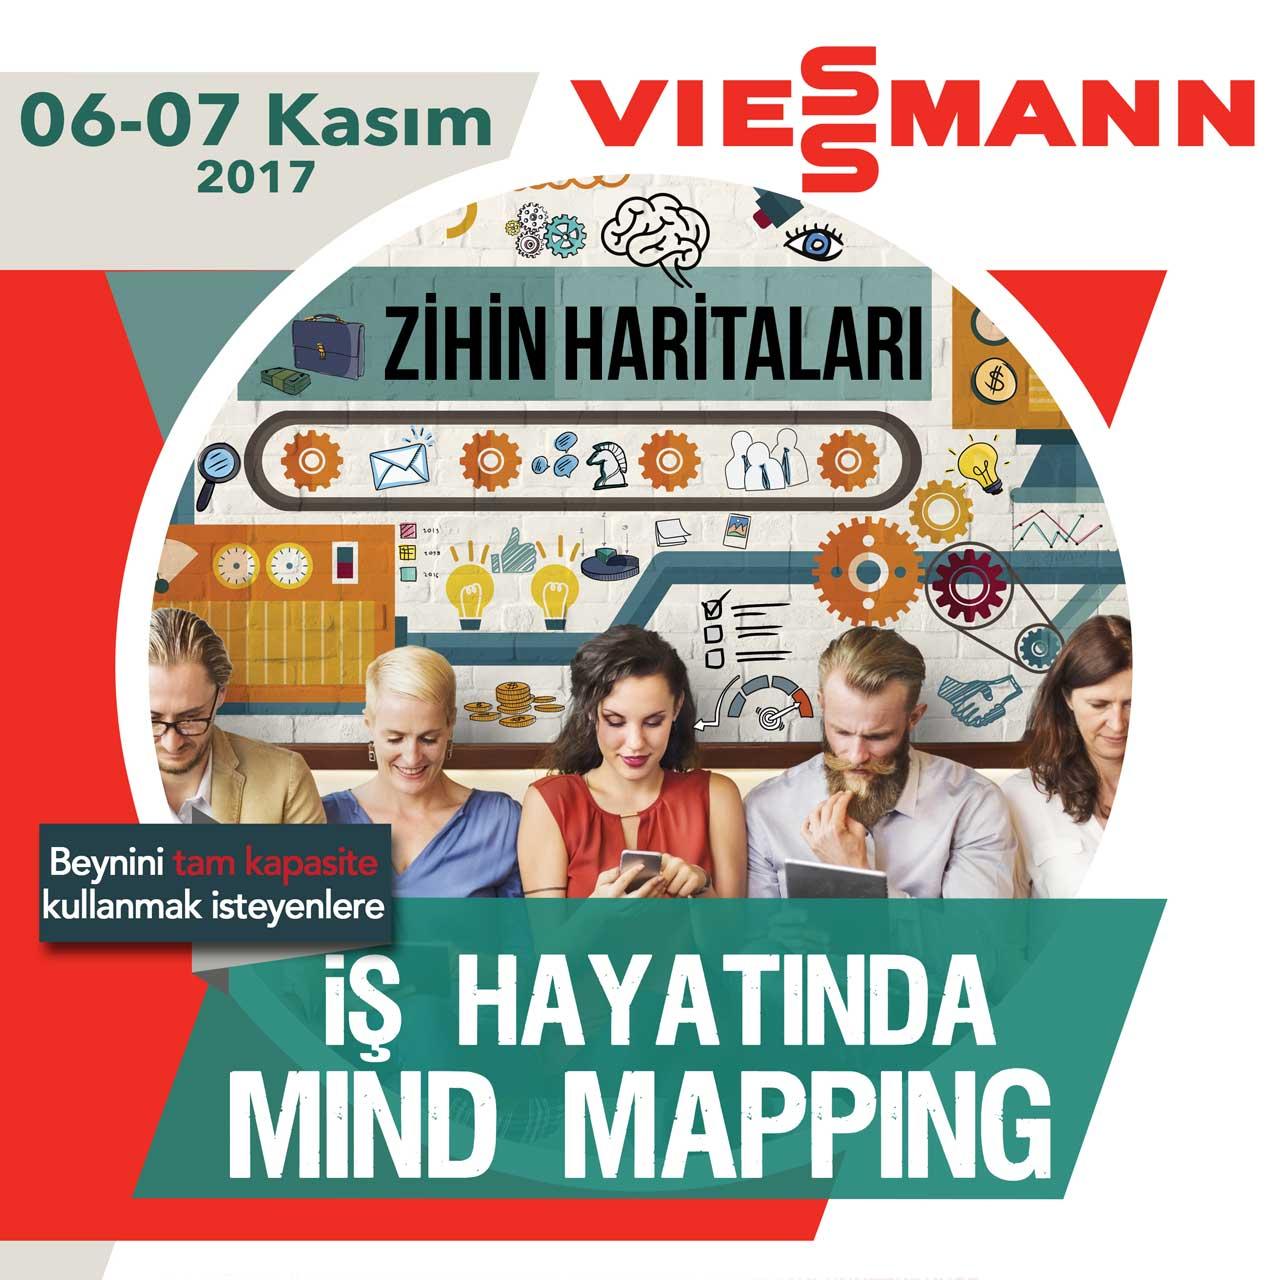 İş Hayatında Mind Mapping (Zihin Haritaları)